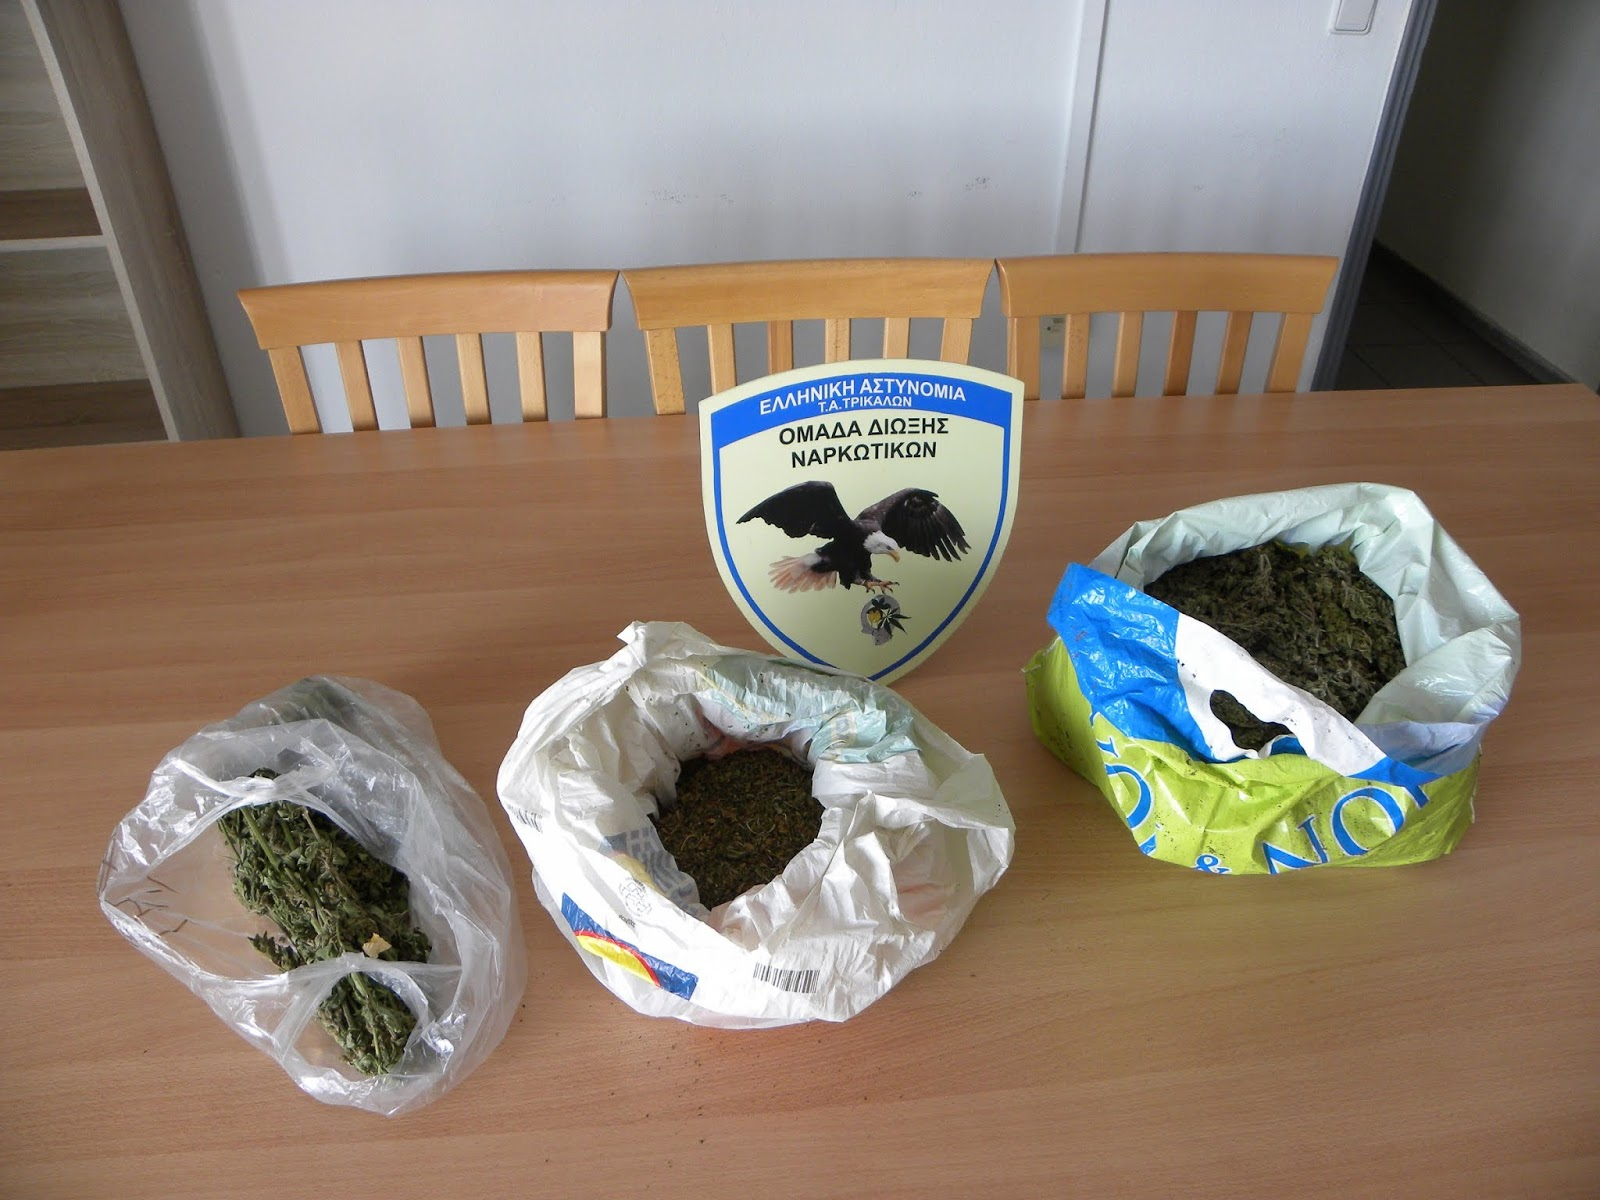 Κατασχέθηκε πάνω από (1) κιλό ακατέργαστης κάνναβης που βρέθηκε σε οικία 33χρονου στην ευρύτερη περιοχή των Τρικάλων